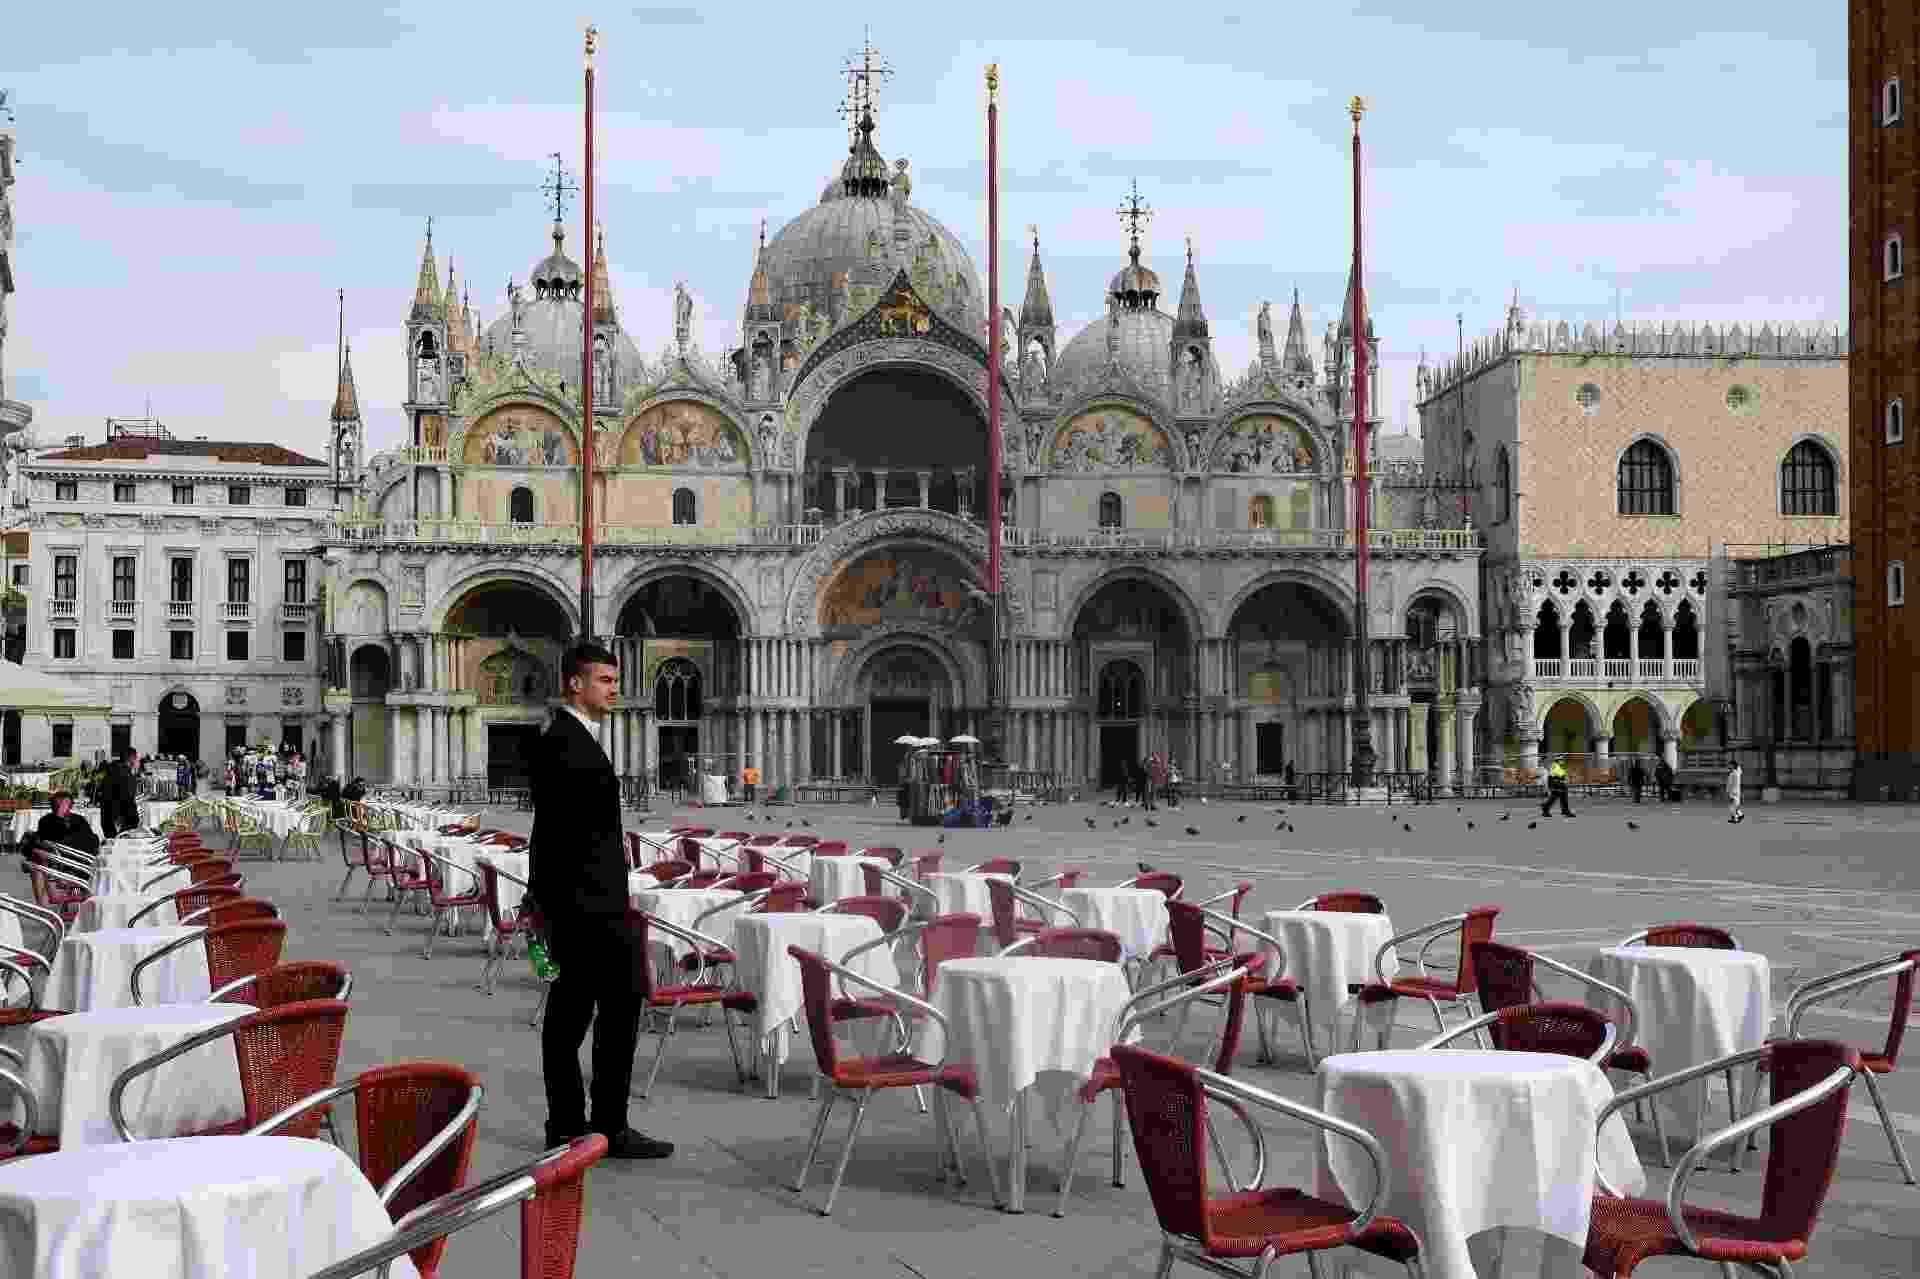 Garçom contempla falta de movimento em restaurante na Praça de São Marcos, em Veneza, frente ao número de contágios de covid-19, doença causada pelo novo coronavírus, na Itália - Manuel Silvestri/Reuters